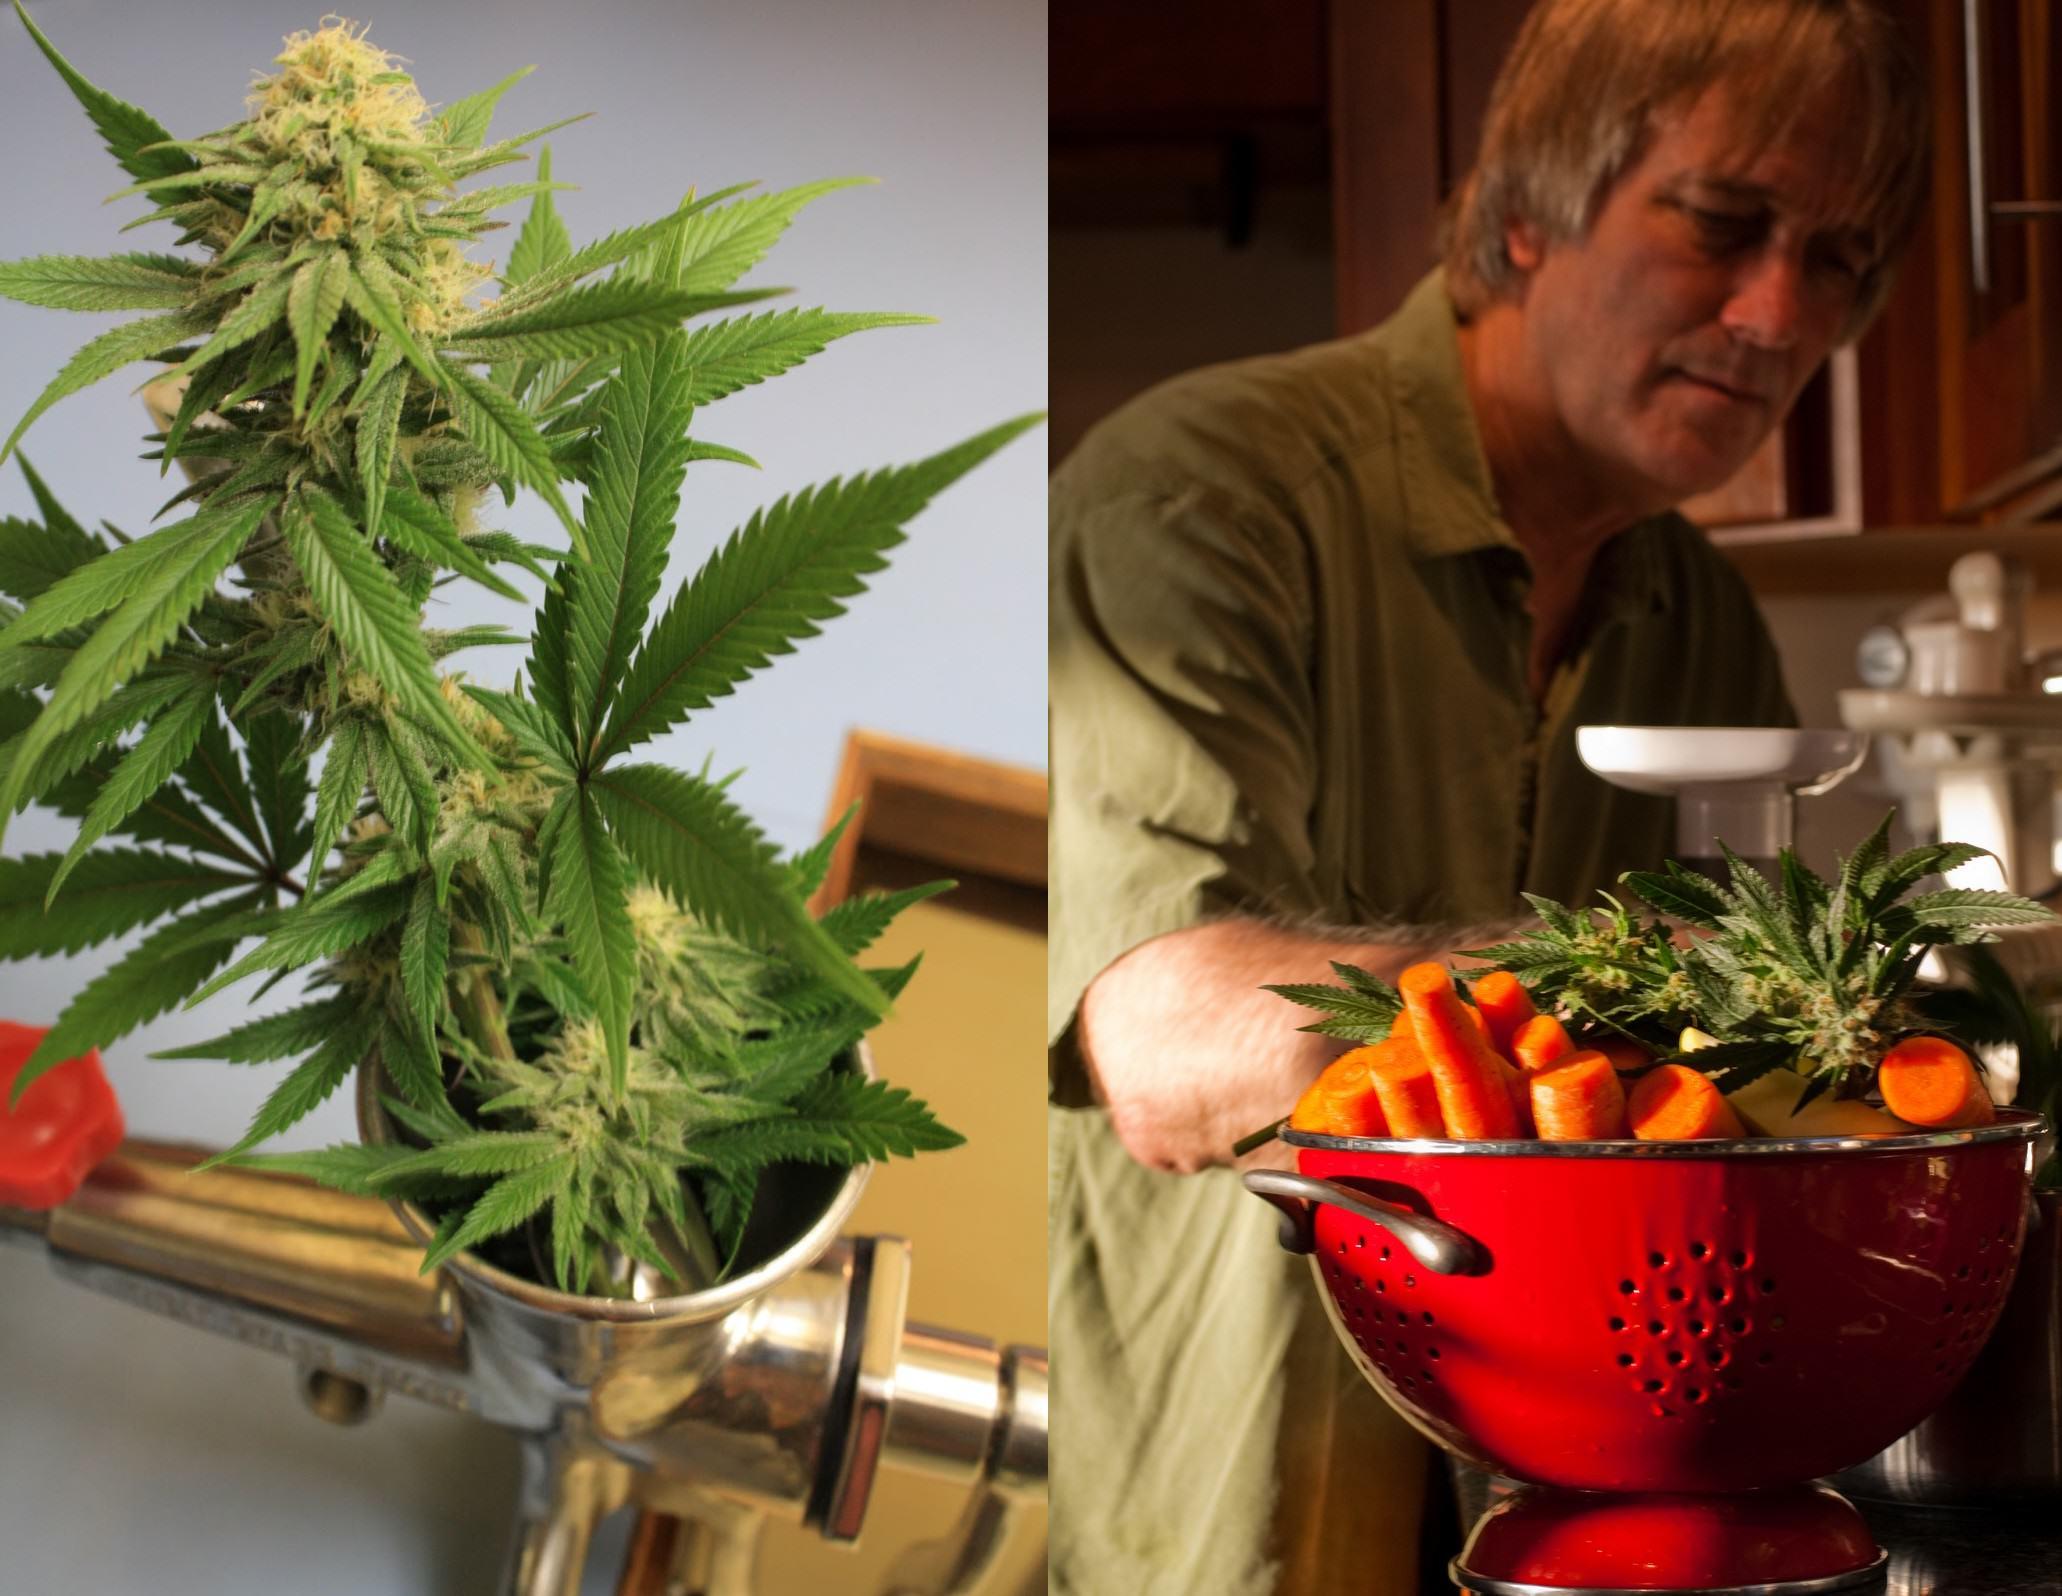 És aconsellable diluir el suc de marihuana amb diferents fruites per tal de diluir la seva forta gust vegetal